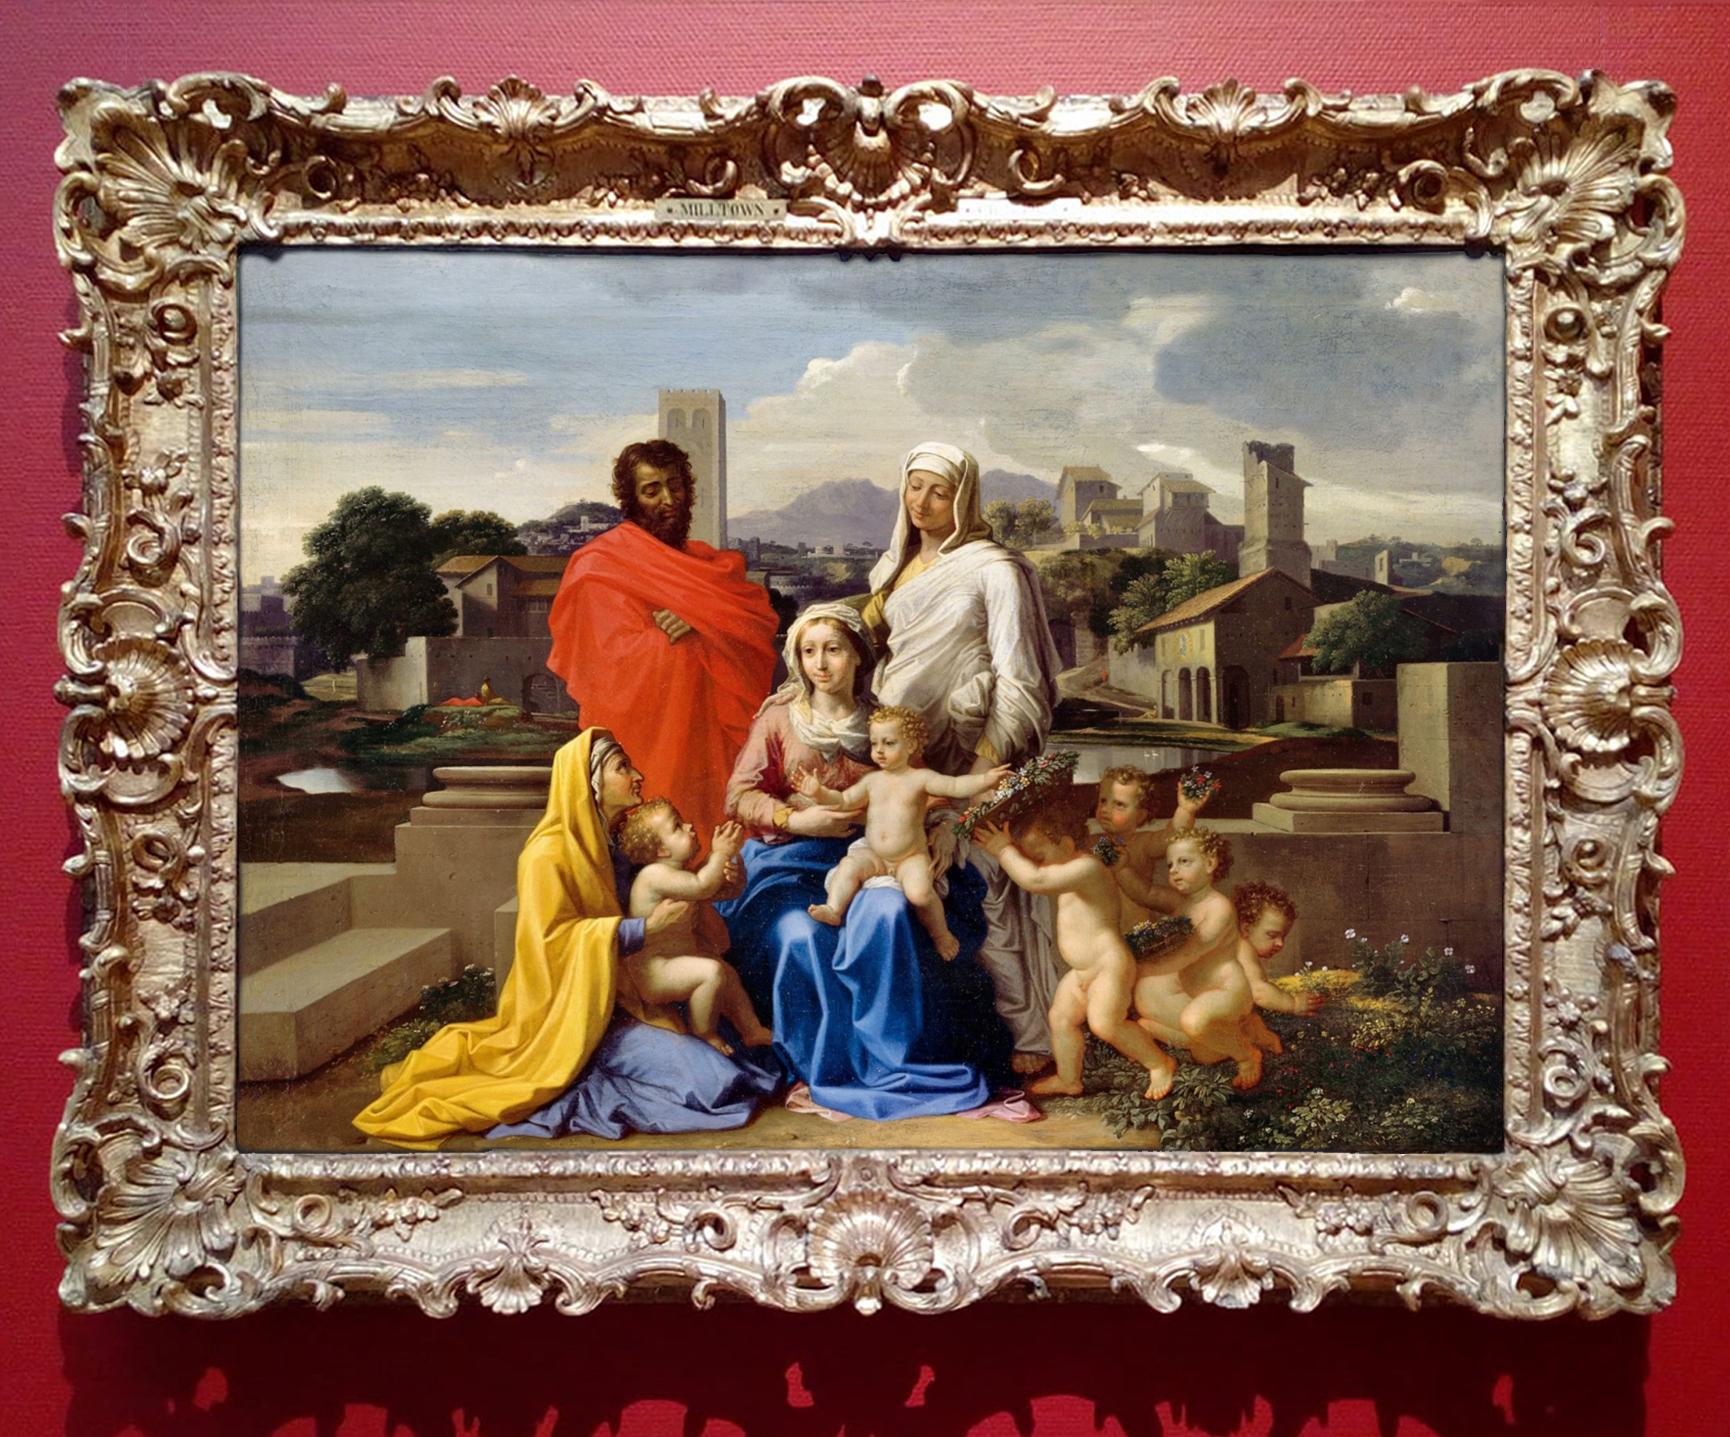 27B Nicolas Poussin Holy Family SS Anne Eliz & John the B 1649 o c 79x106cm Russborough now NGI